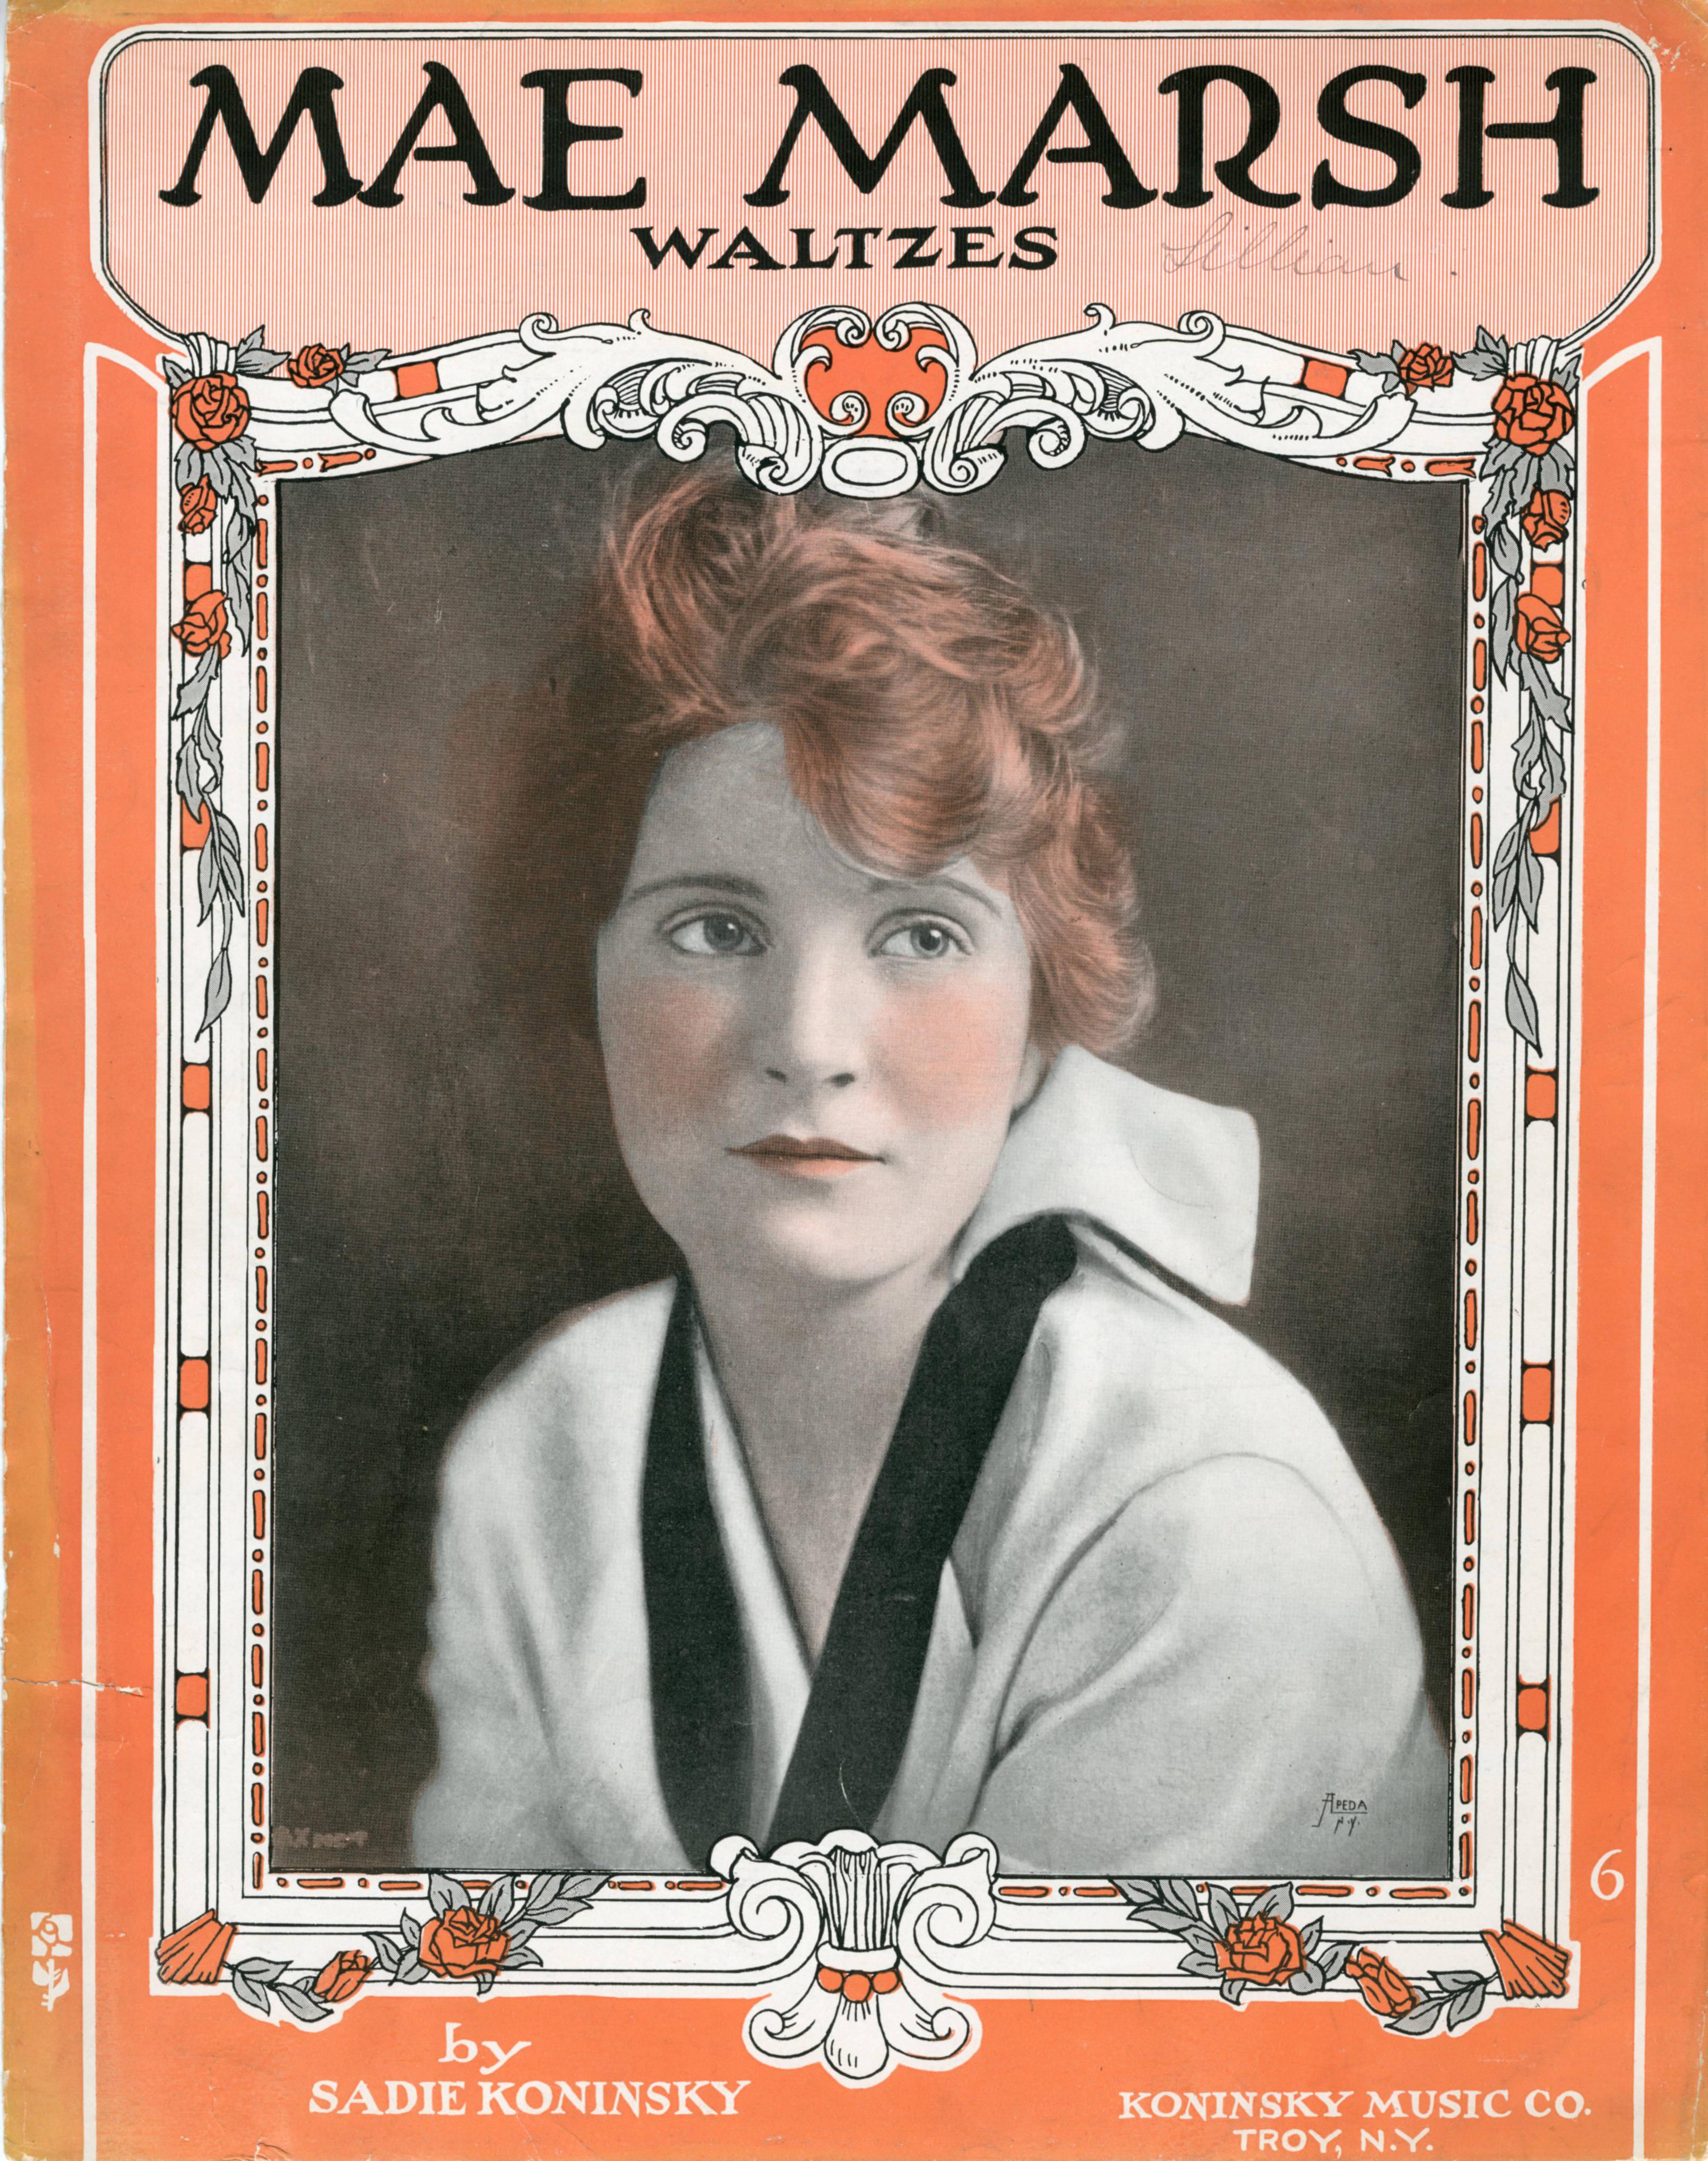 Jane Kennedy (actress) photo